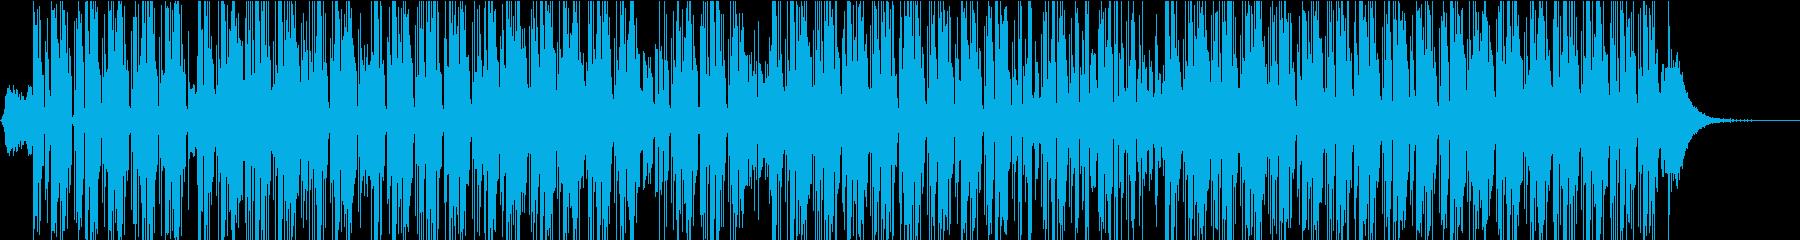 電気楽器。風変わりな、奇抜なグルー...の再生済みの波形